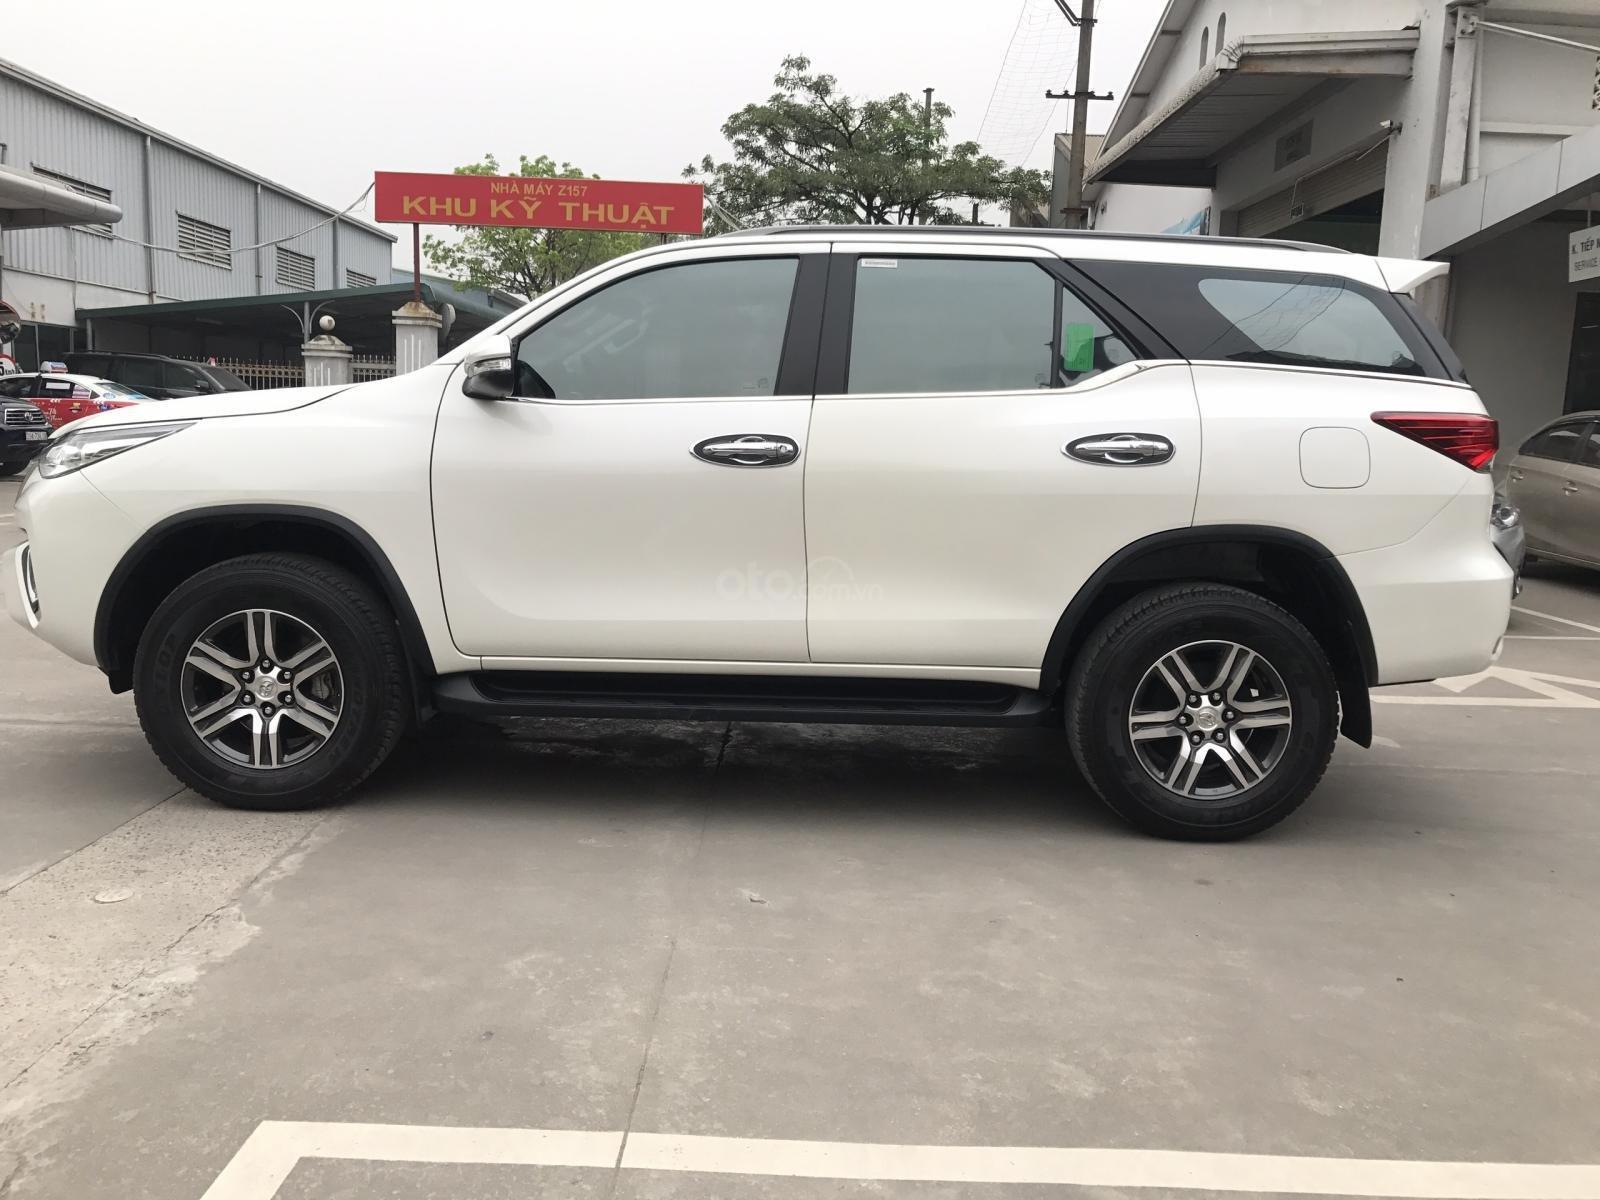 Bán Toyota Fortuner 2.7V (4x2) sản xuất năm 2017, màu trắng, xe nhập-6